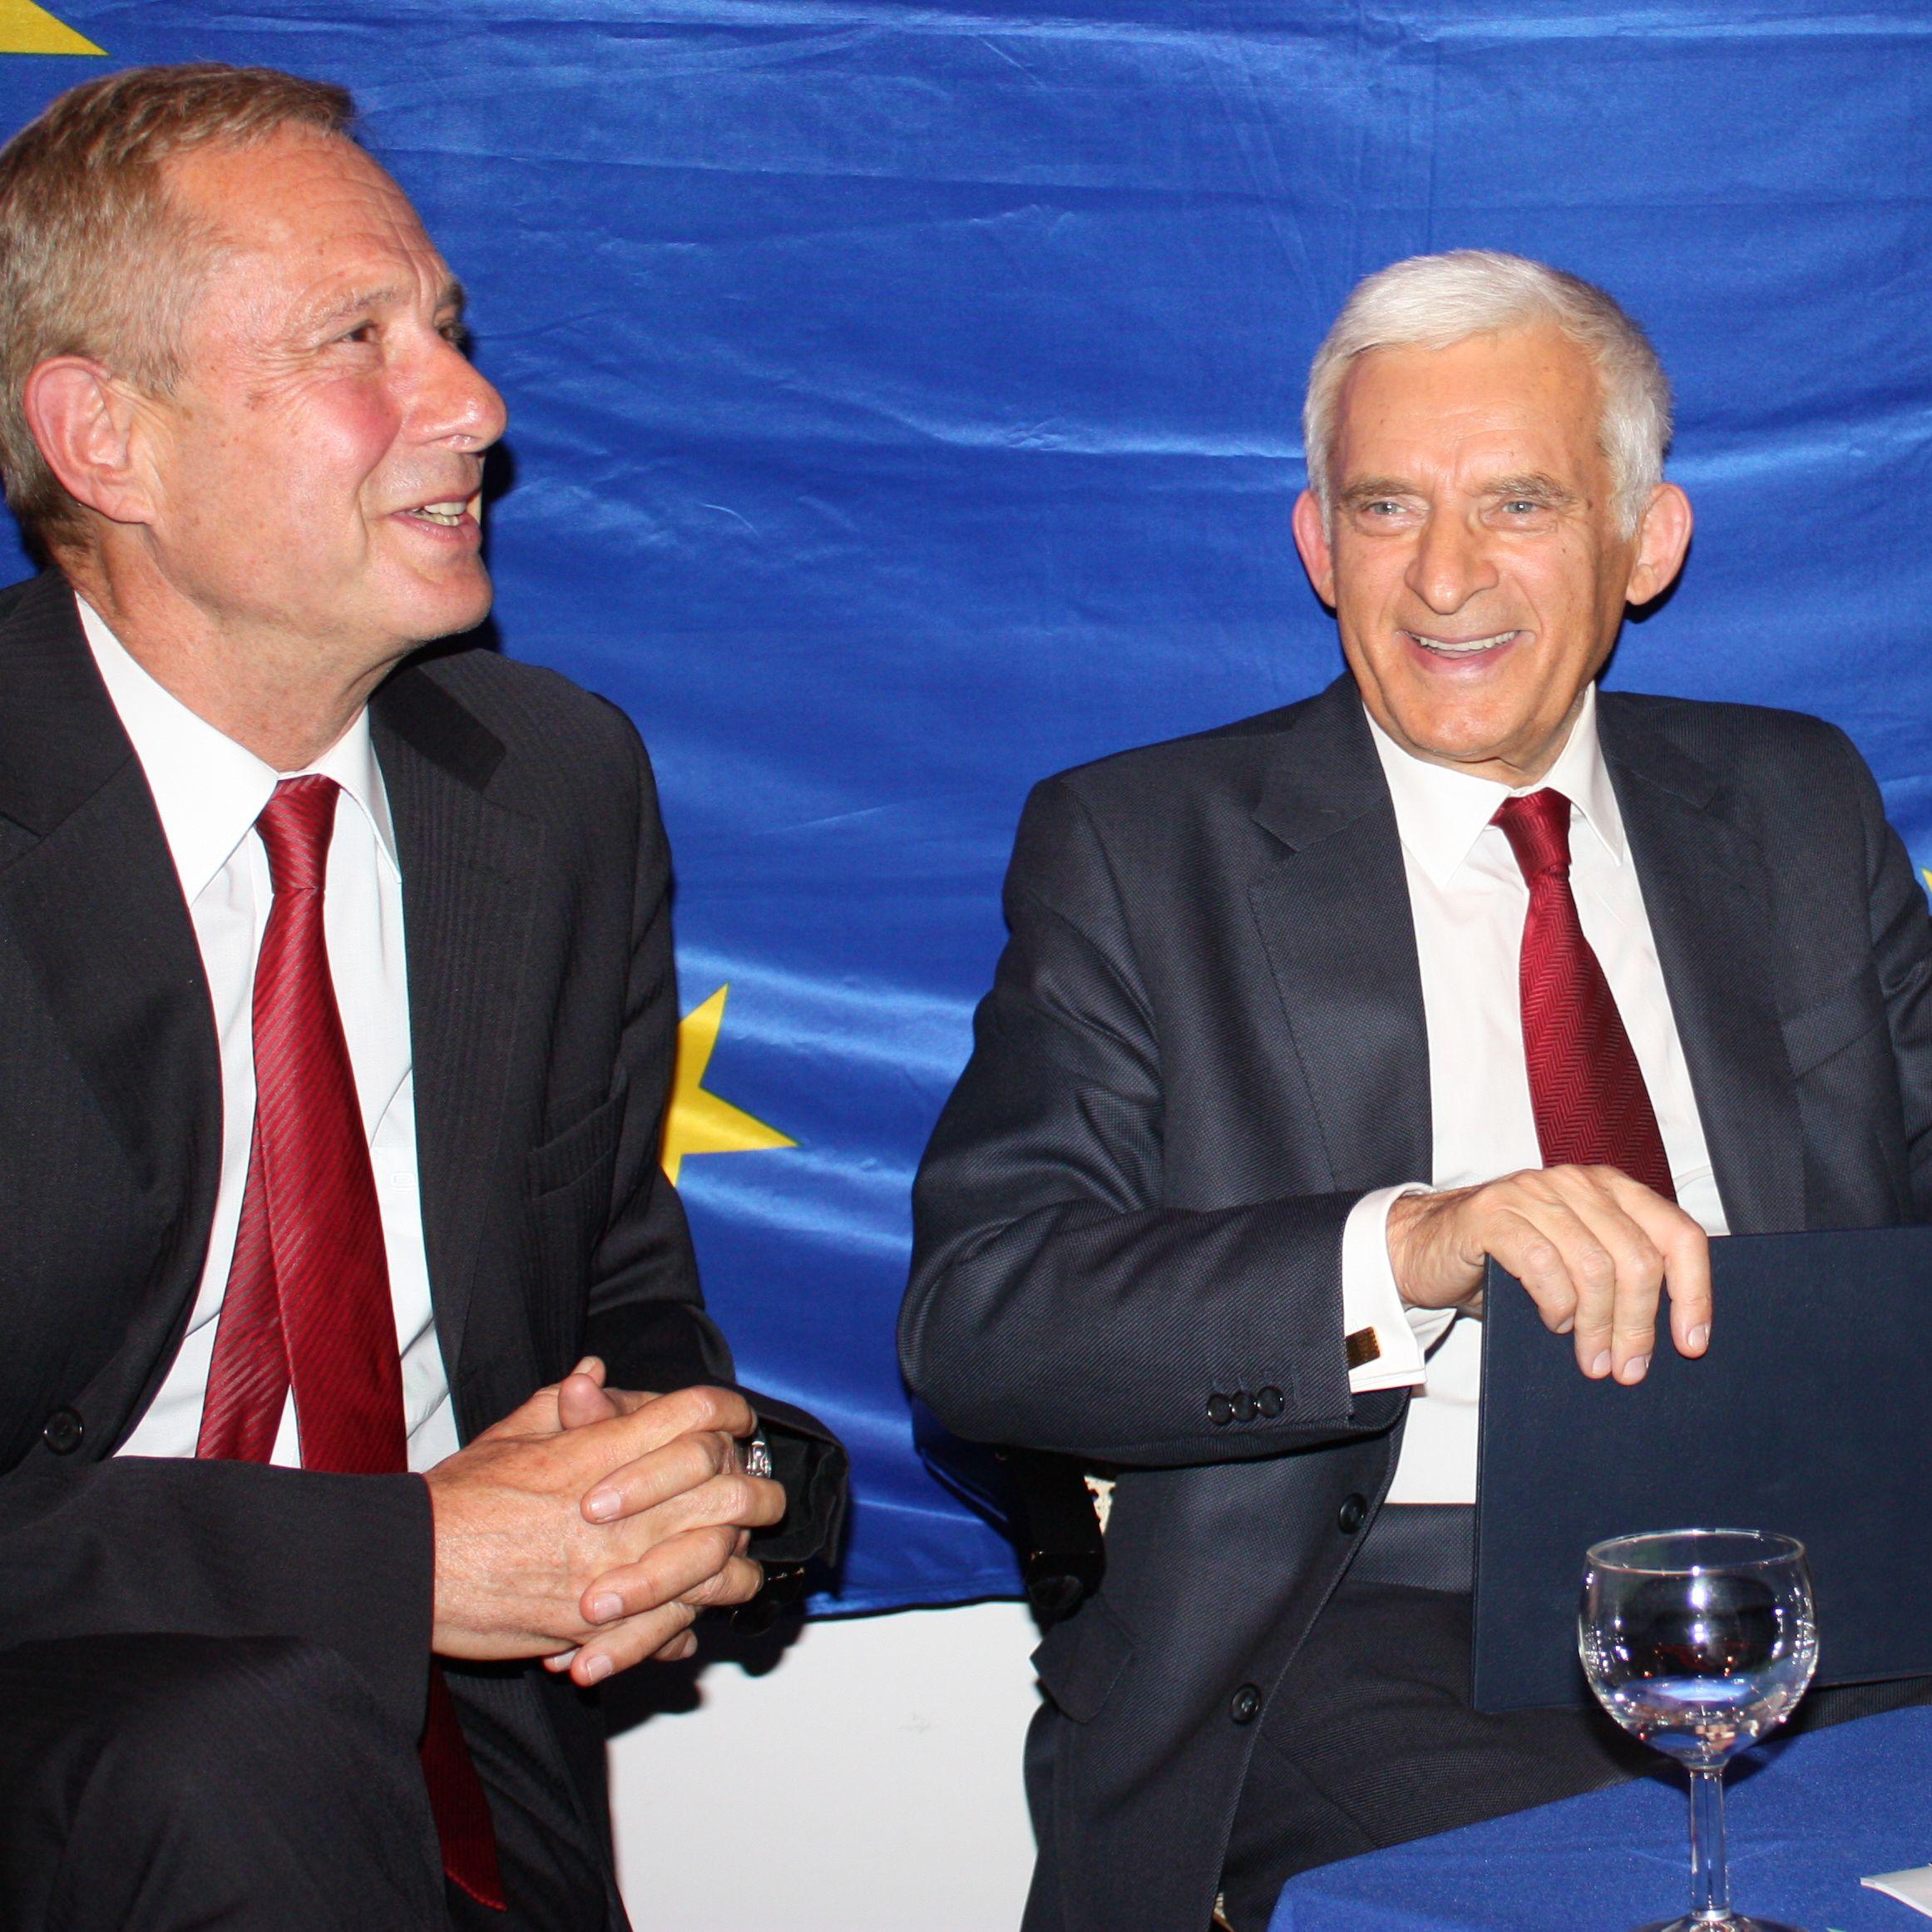 Strategien aus der Krise und Visionen für die Zukunft – EP-Präsident Buzek diskutiert mit Zivilgesellschaft